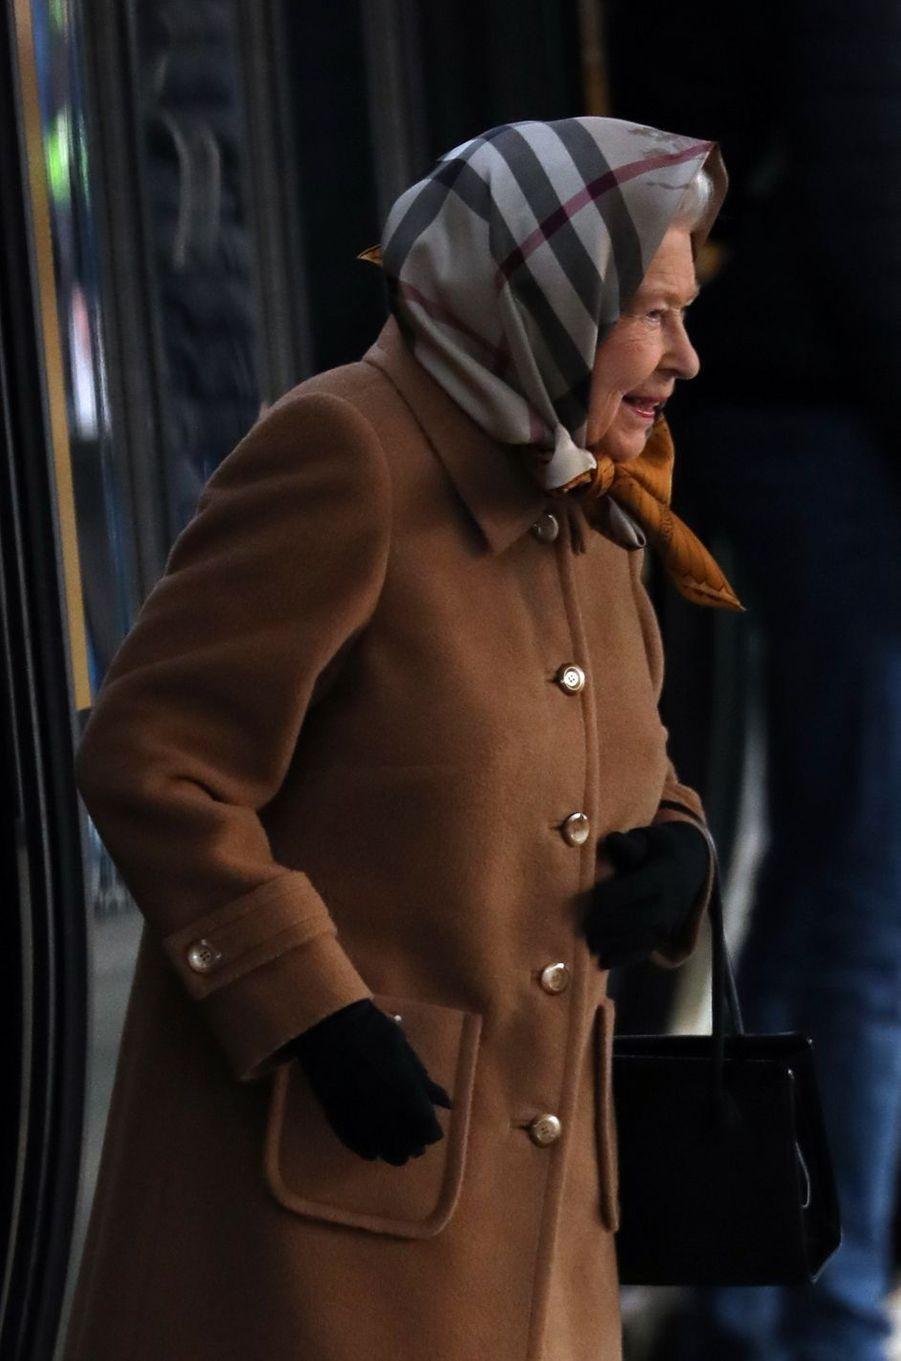 La reine Elizabeth II descend du train à la gare de King's Lynn, le 20 décembre 2018